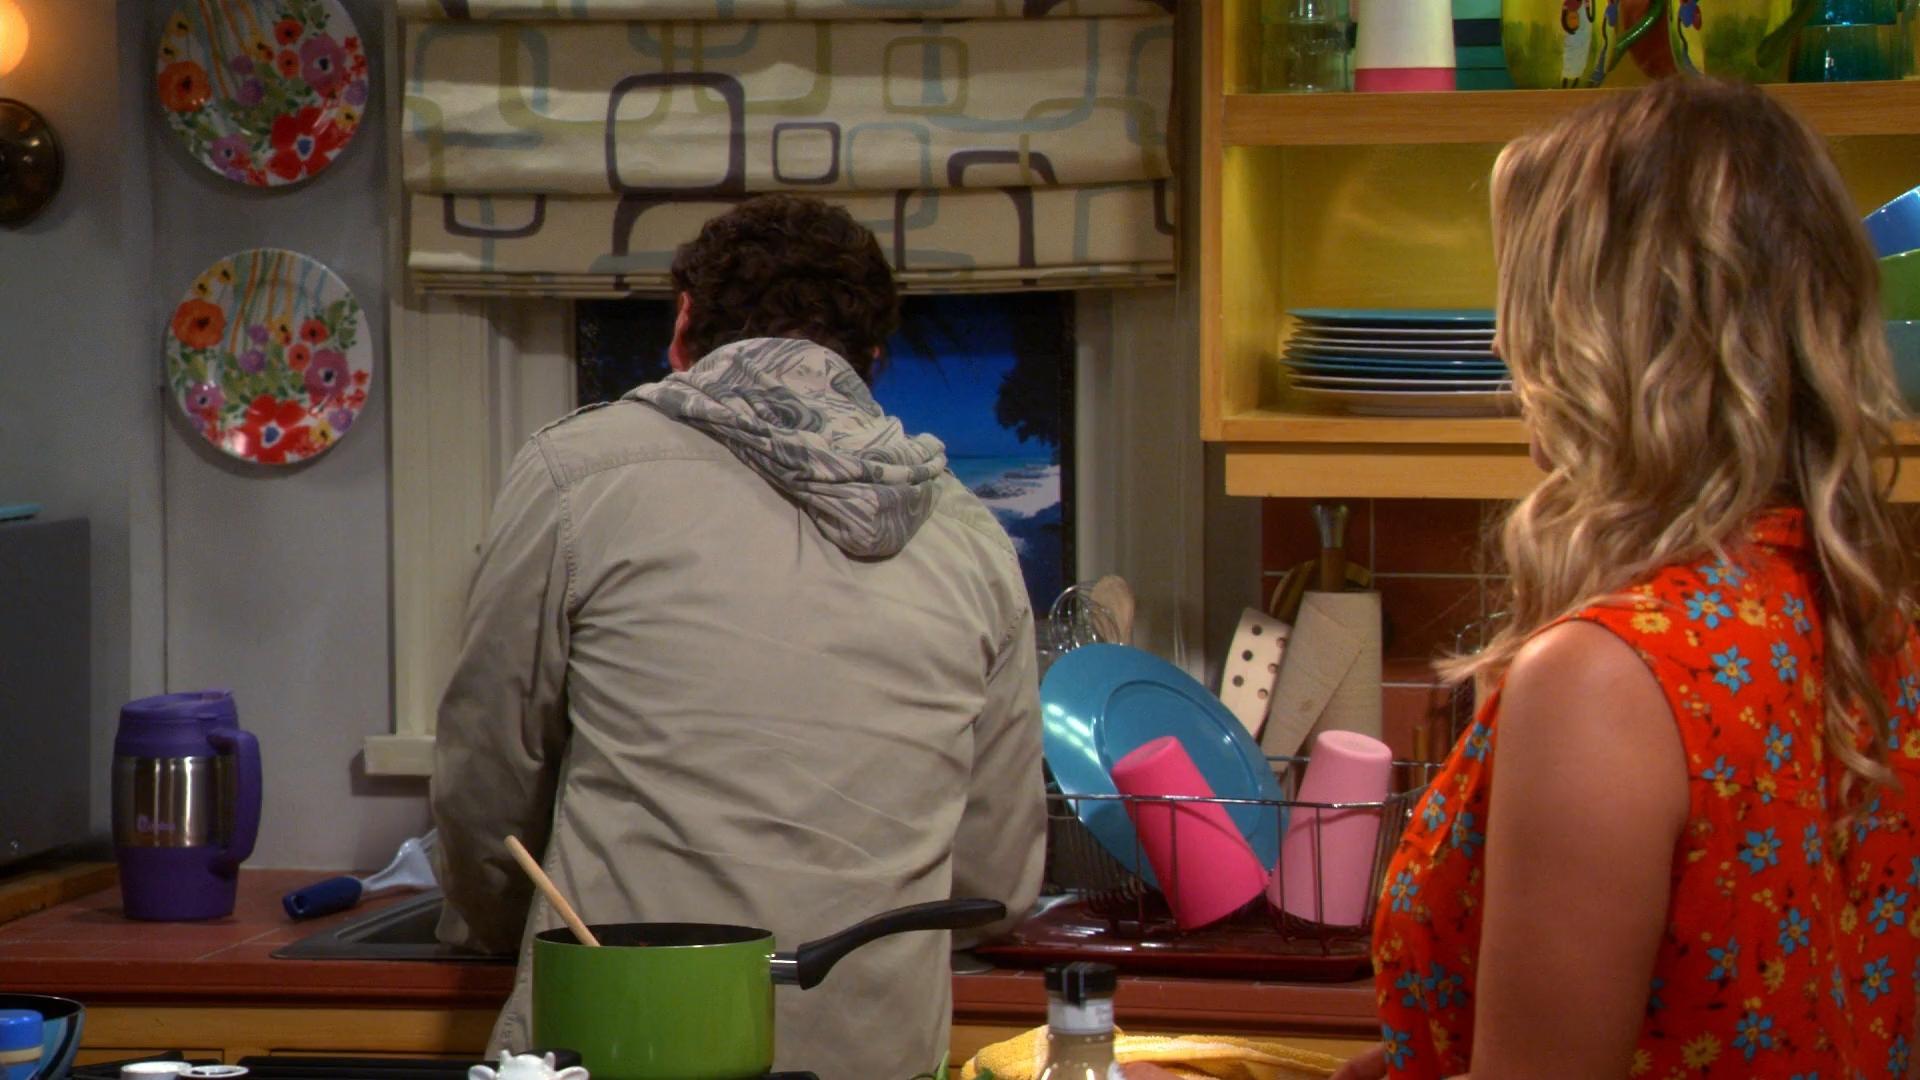 The Big Bang Theory - S07E04 - The Raiders Minimization.mkv_snapshot_05.38.jpg